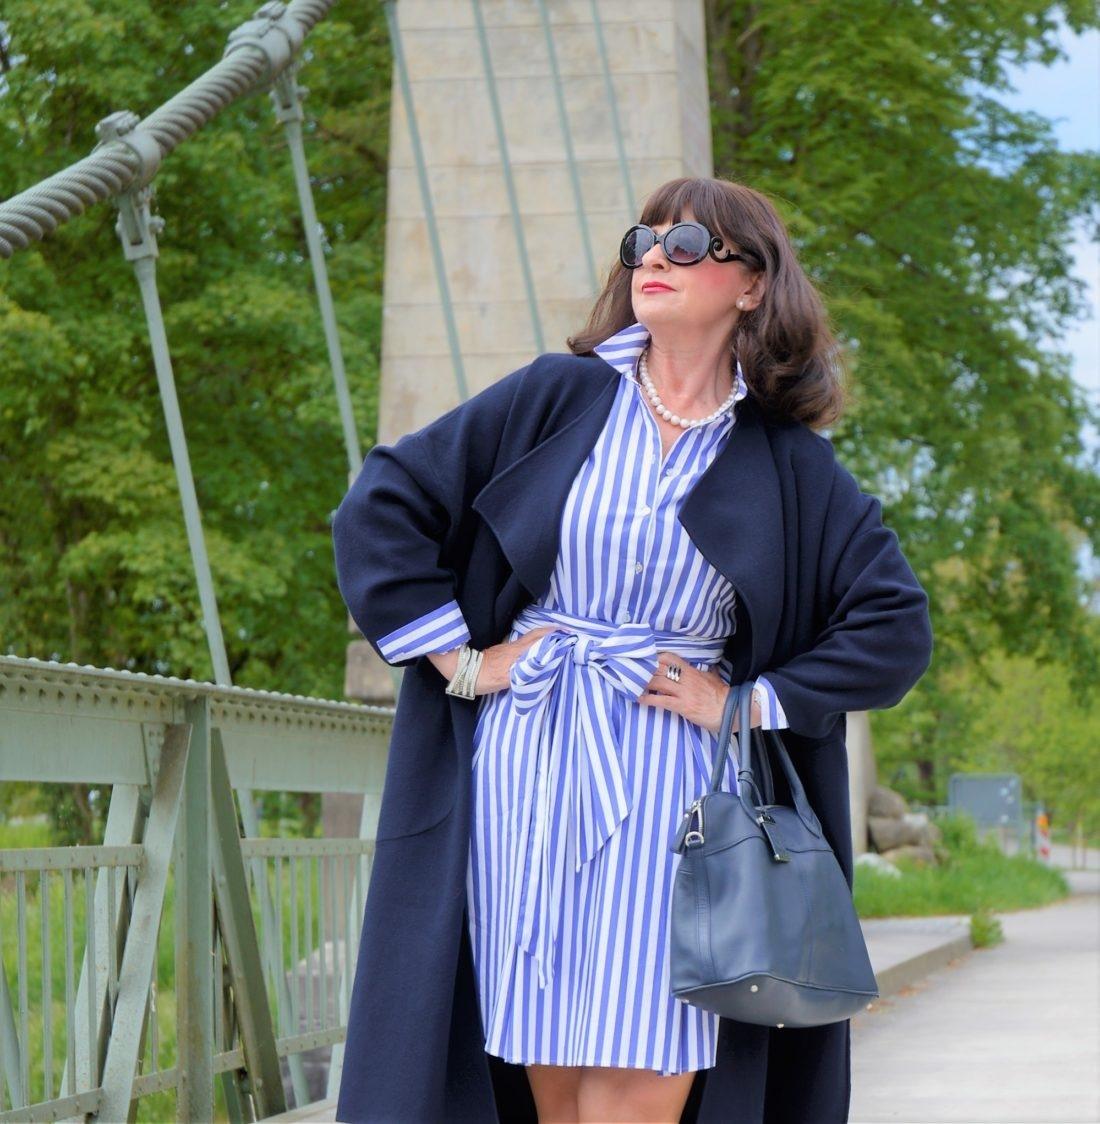 Formal Schön Hemdblusenkleider Für Ältere Damen DesignDesigner Cool Hemdblusenkleider Für Ältere Damen Stylish